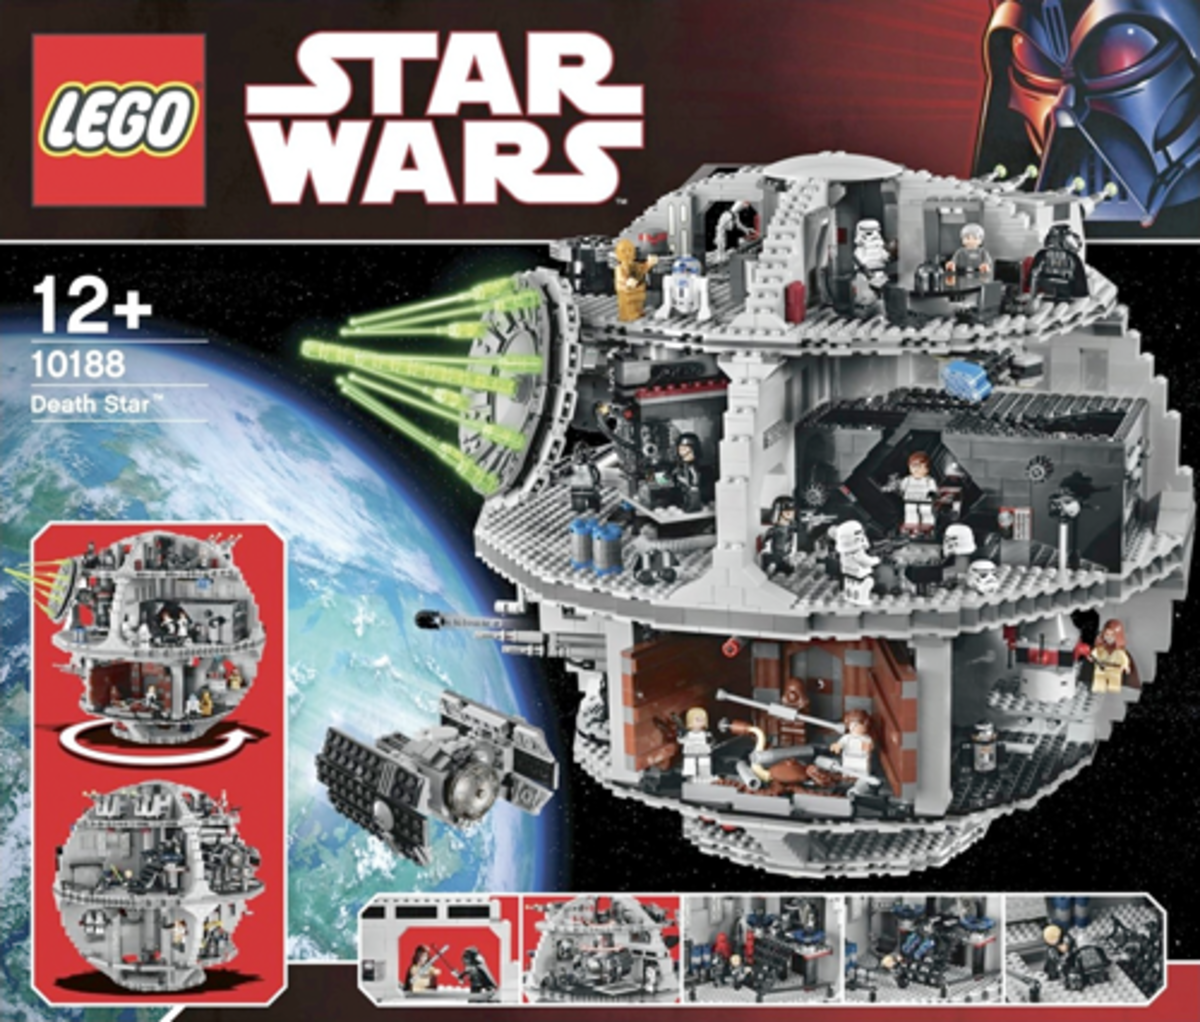 LEGO Star Wars Death Star 10188 Box